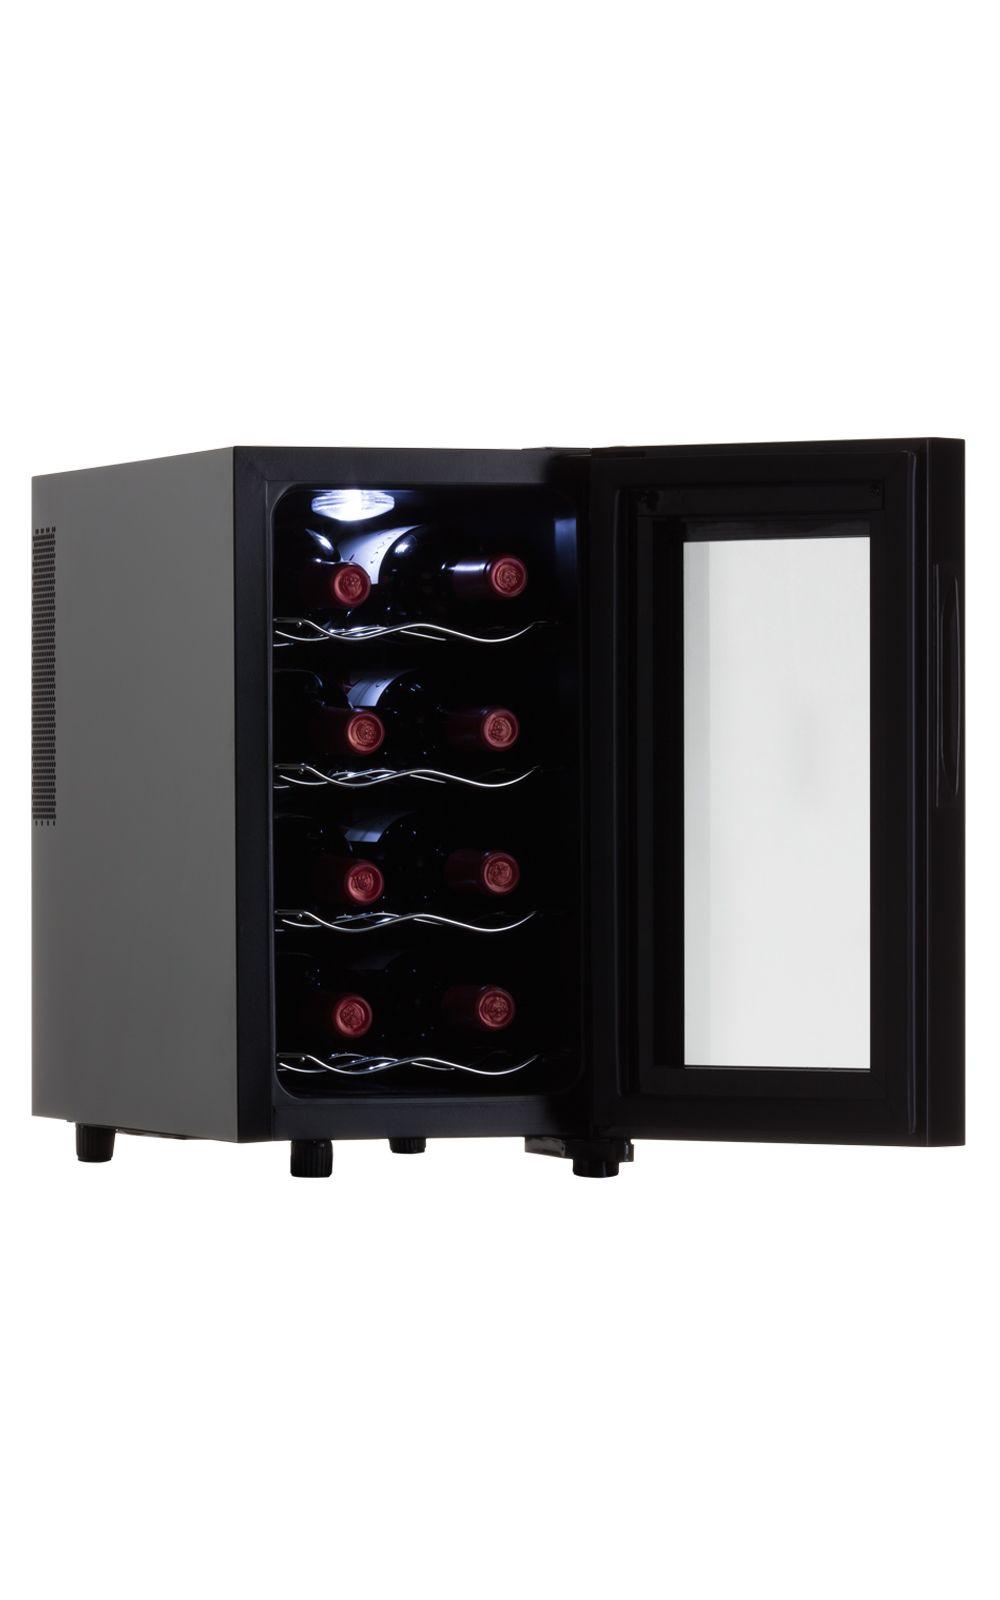 Foto 3 - Adega de Vinho 8 Garrafas Termoelétrica 127V Jc-23c1 Easy Cooler Preta